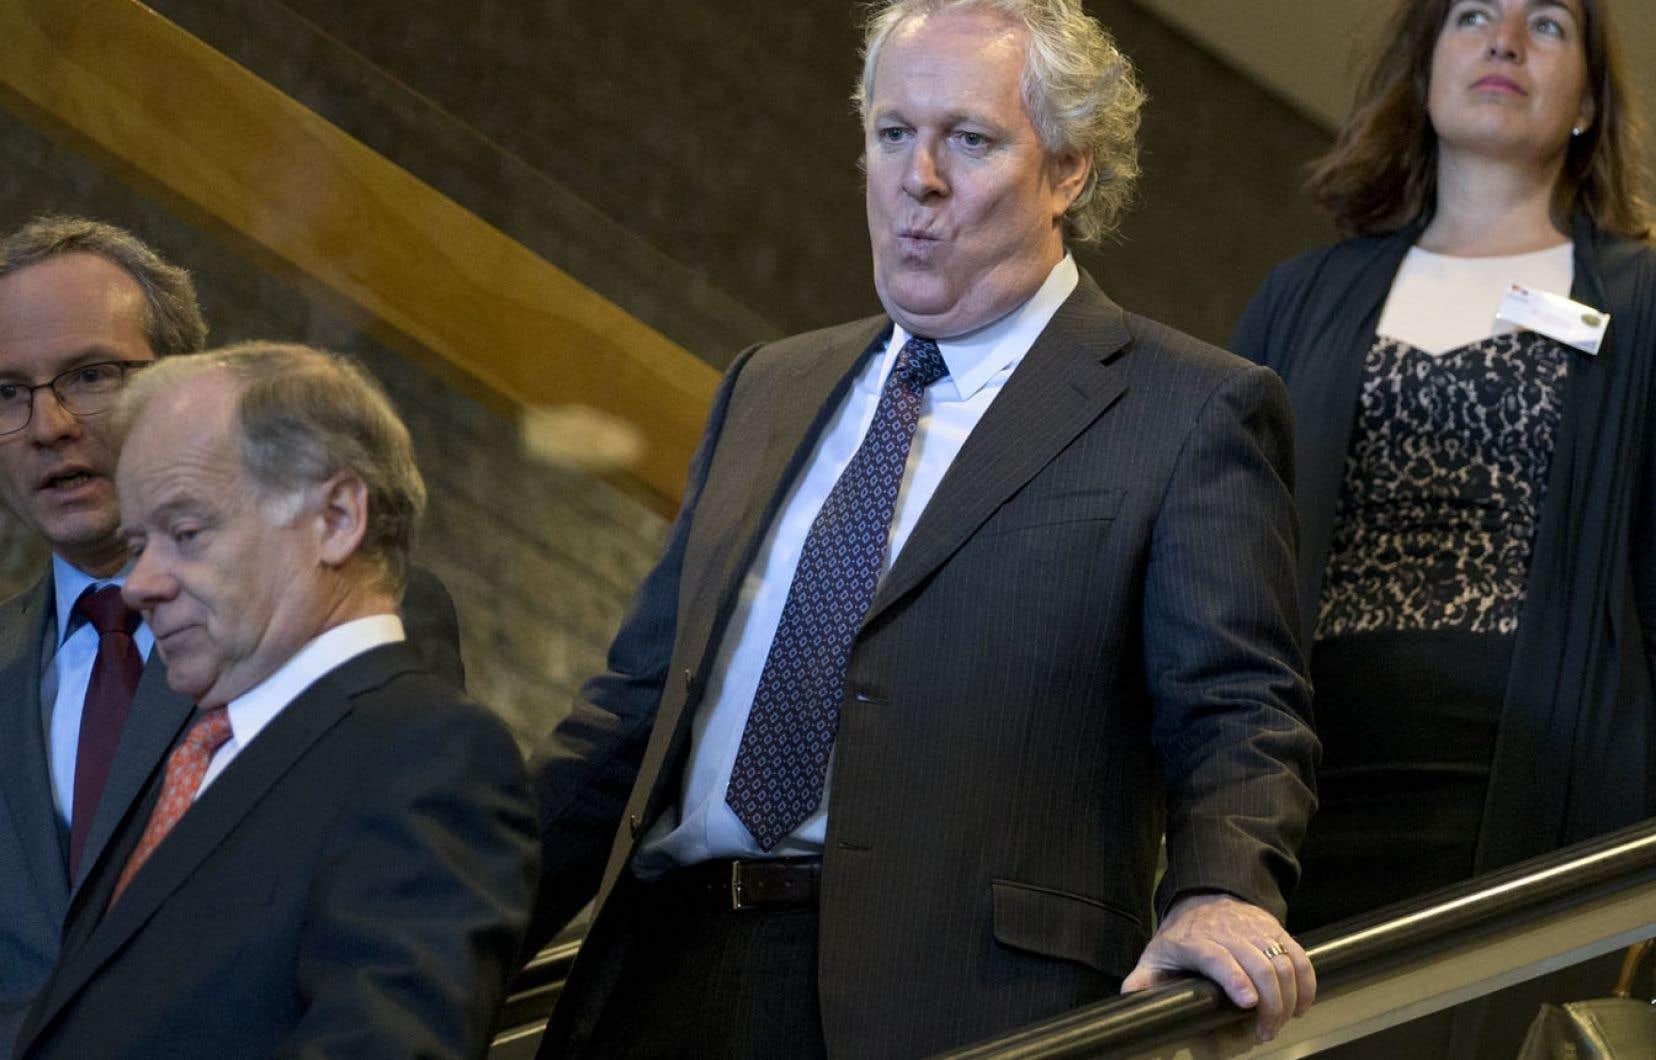 L'ancien premier ministre Jean Charest, accompagné de l'ex-ministre Raymond Bachand (à gauche), était invité lundi à prononcer une allocution devant la Chambre de commerce française au Canada. Son héritage politique refait surface dans la campagne électorale.